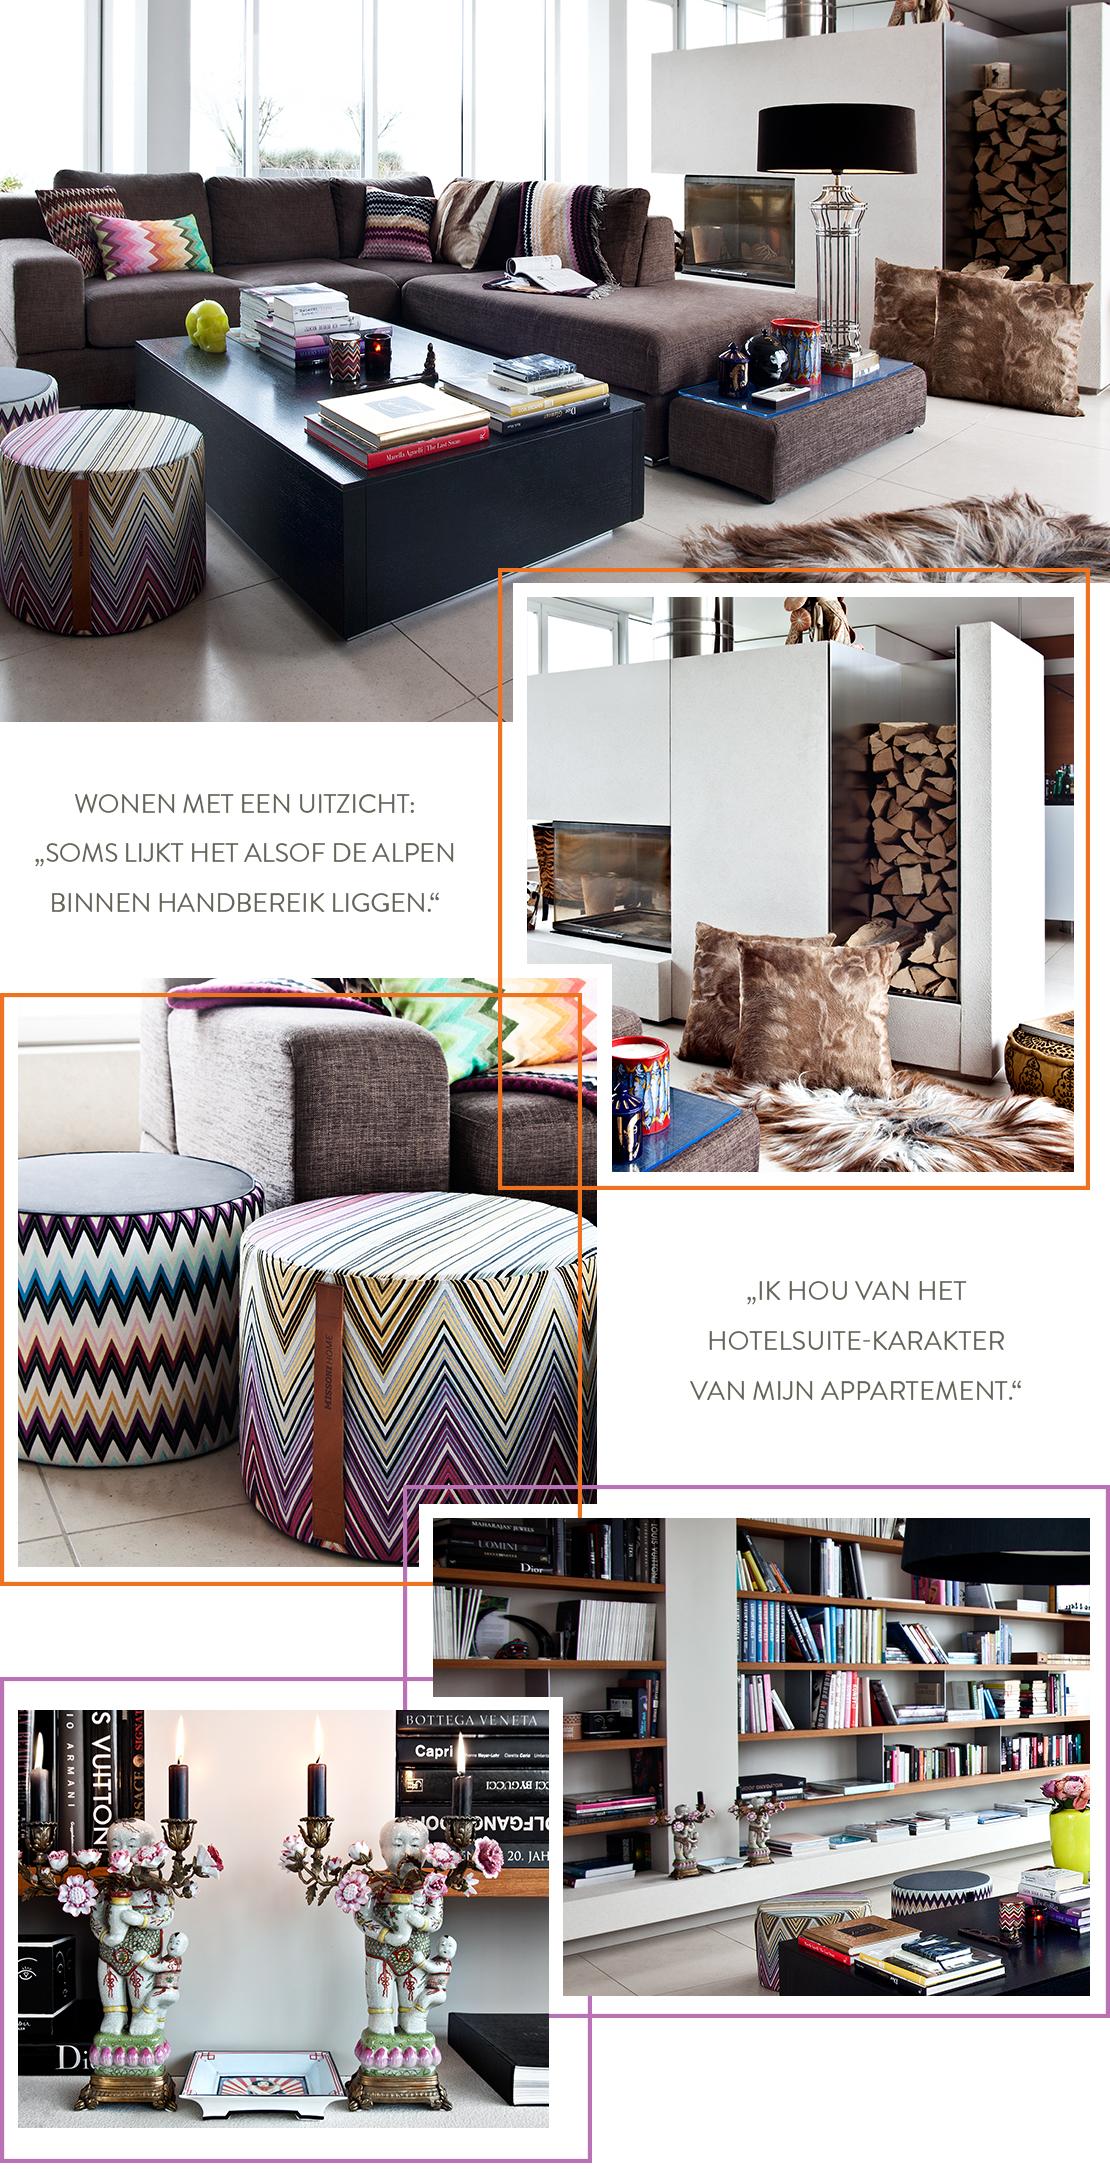 luxe-appartement-ala-zander-openhaard-poefs